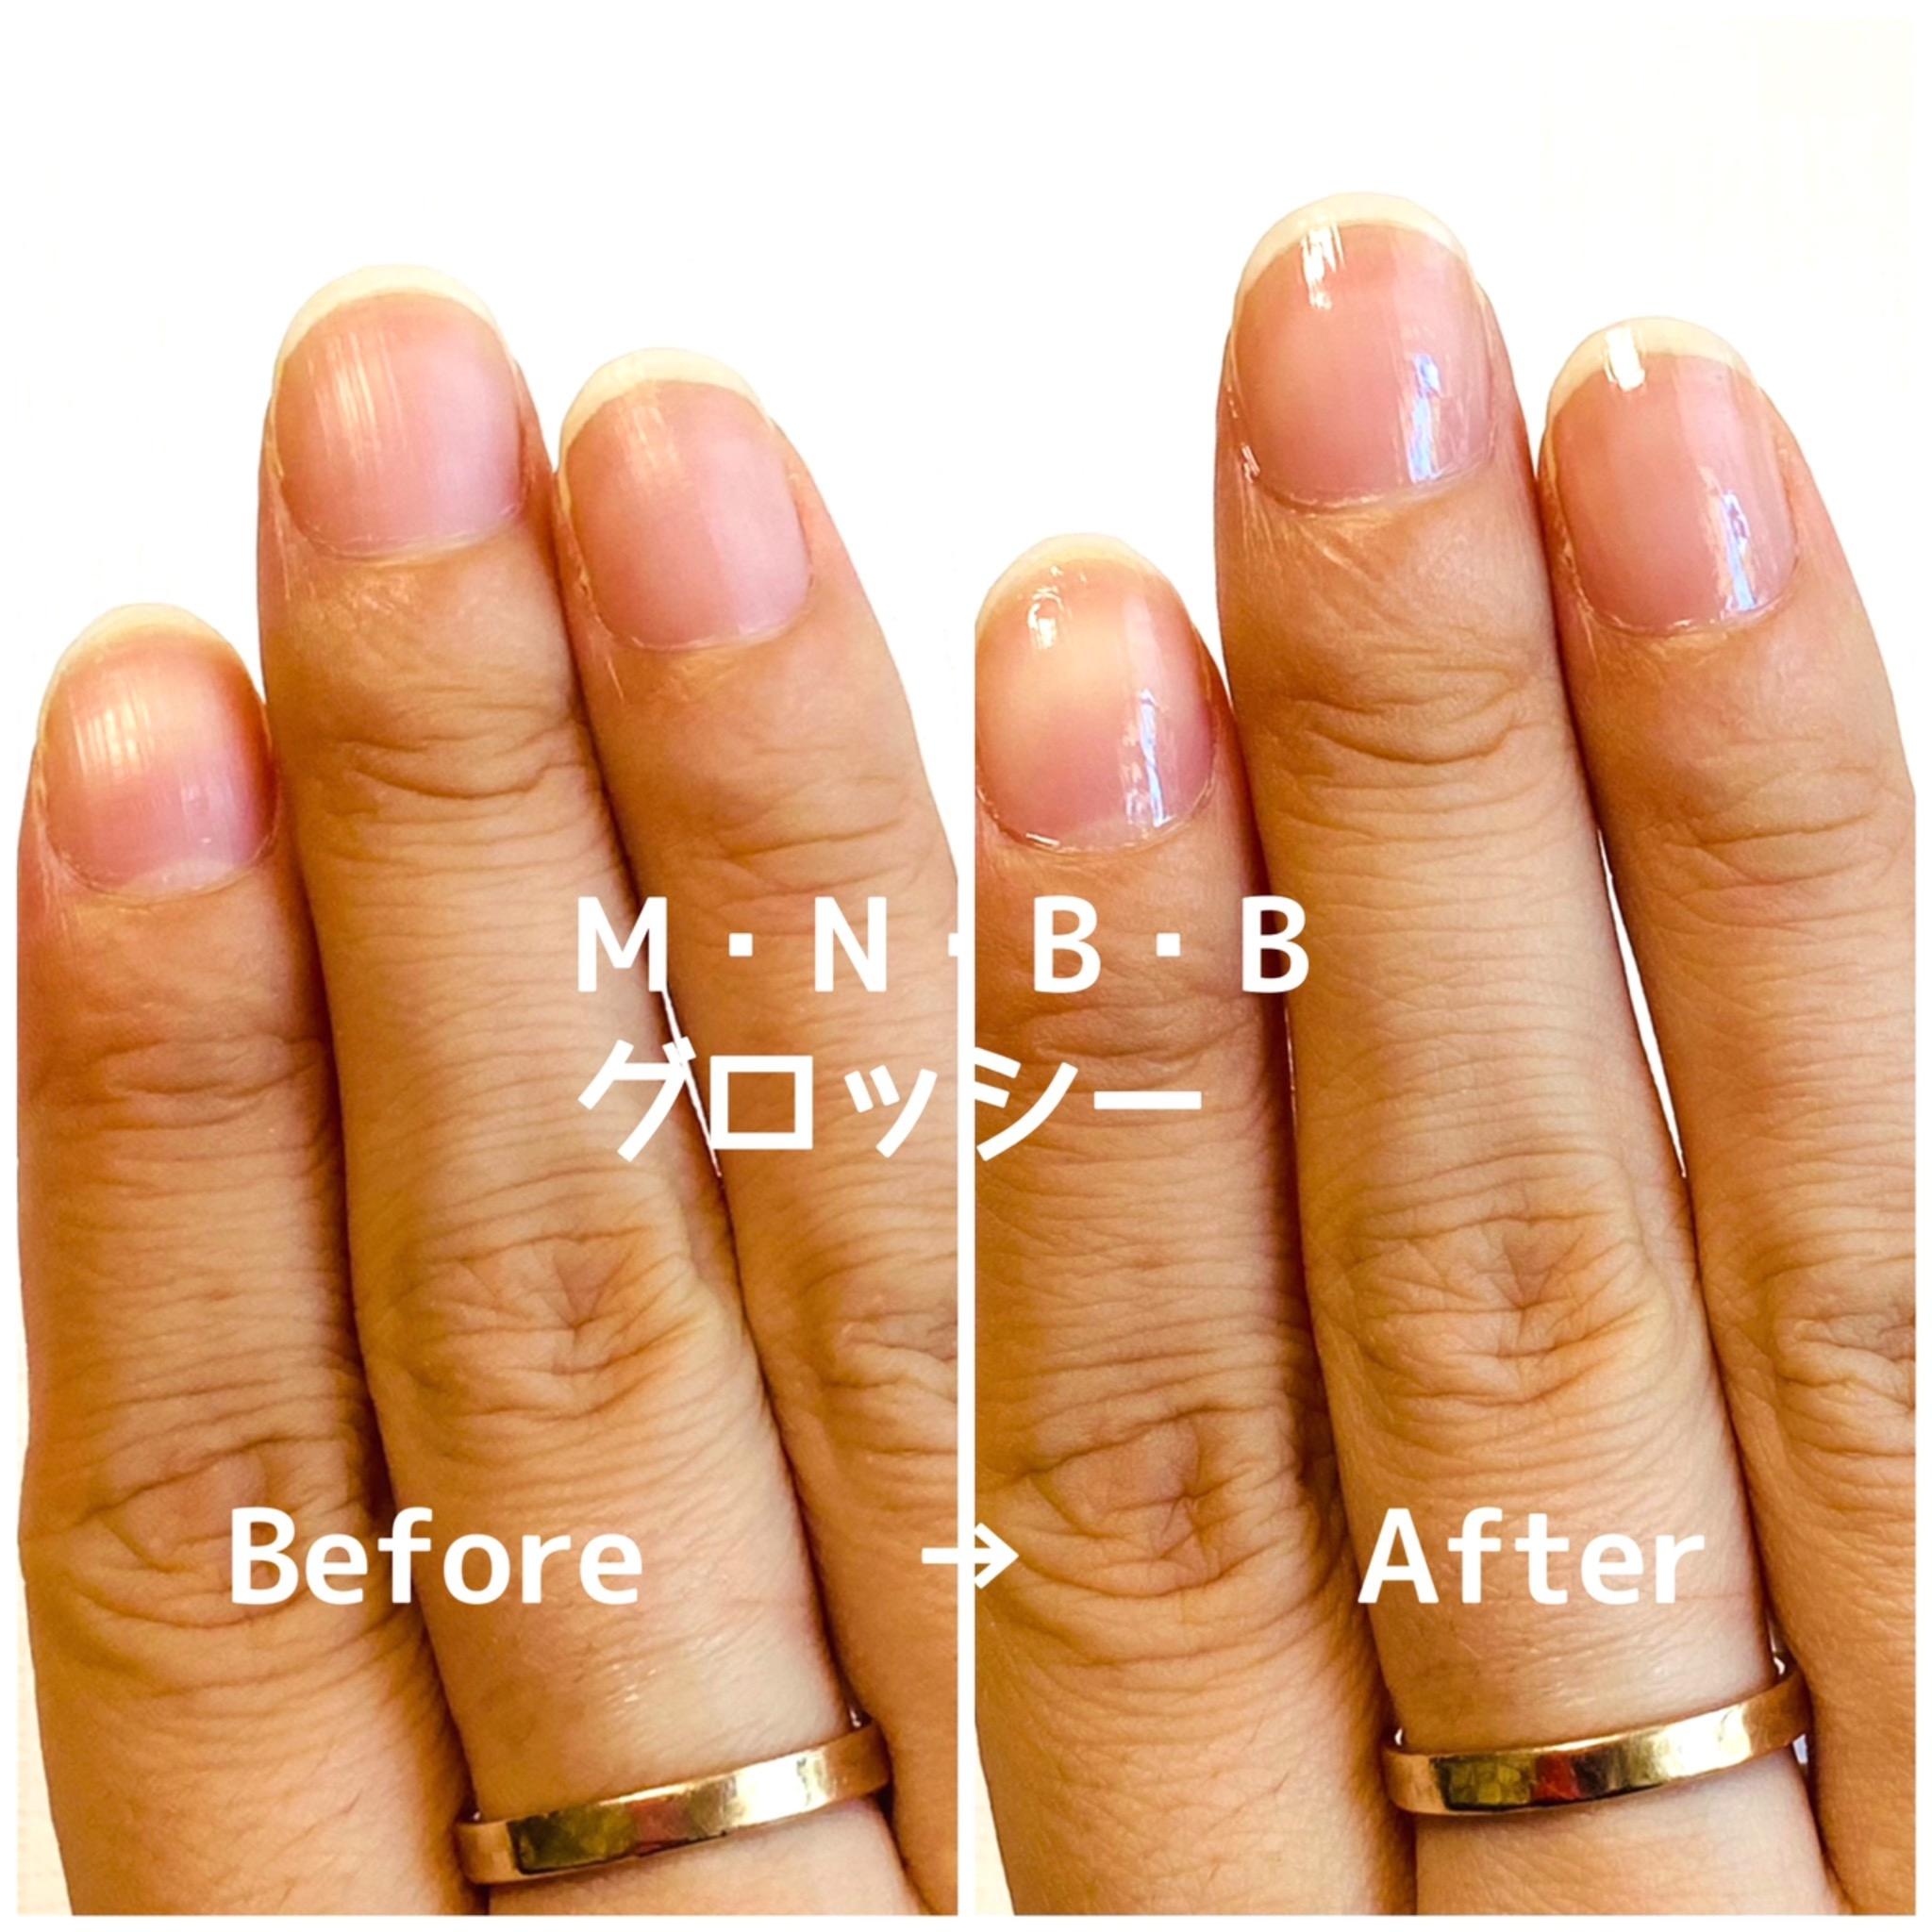 M・N・B・B(エム・エヌ・ビー・ビー)パーフェクトネイルコートを使ったminoriさんのクチコミ画像4